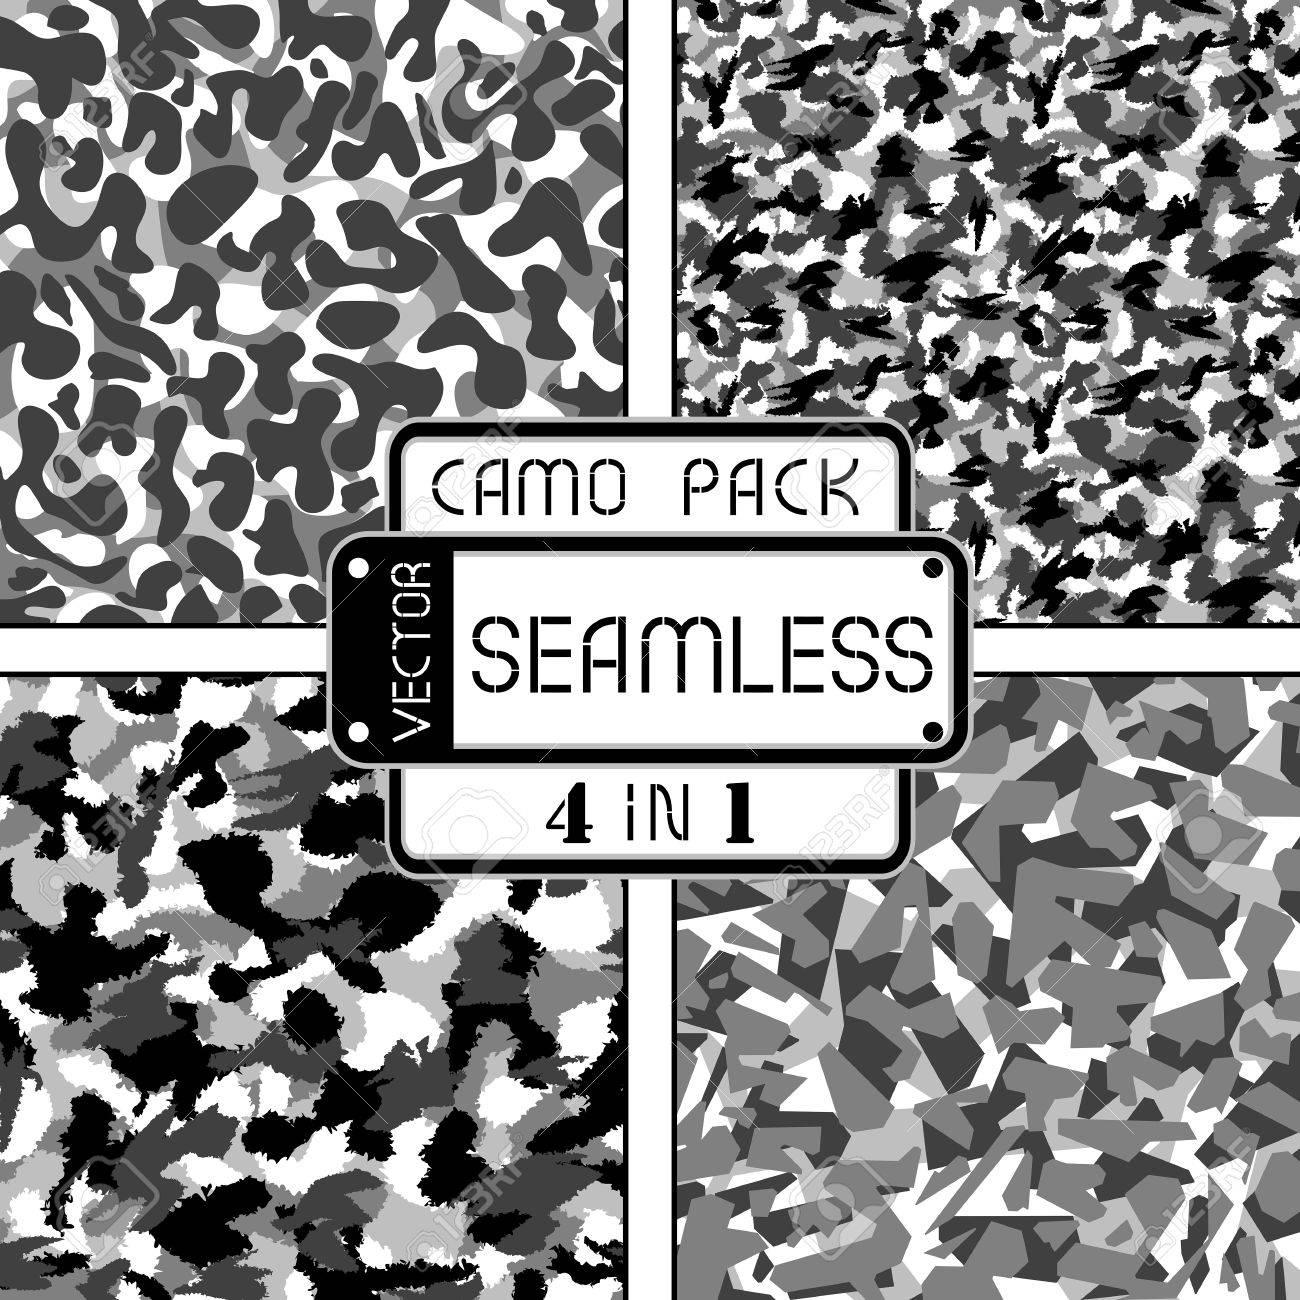 Guerre En Noir Et Blanc Paquet De Camouflage Urbain 4 En 1 Seamless Vector Pattern Peut être Utilisé Pour Le Papier Peint Motifs De Remplissage